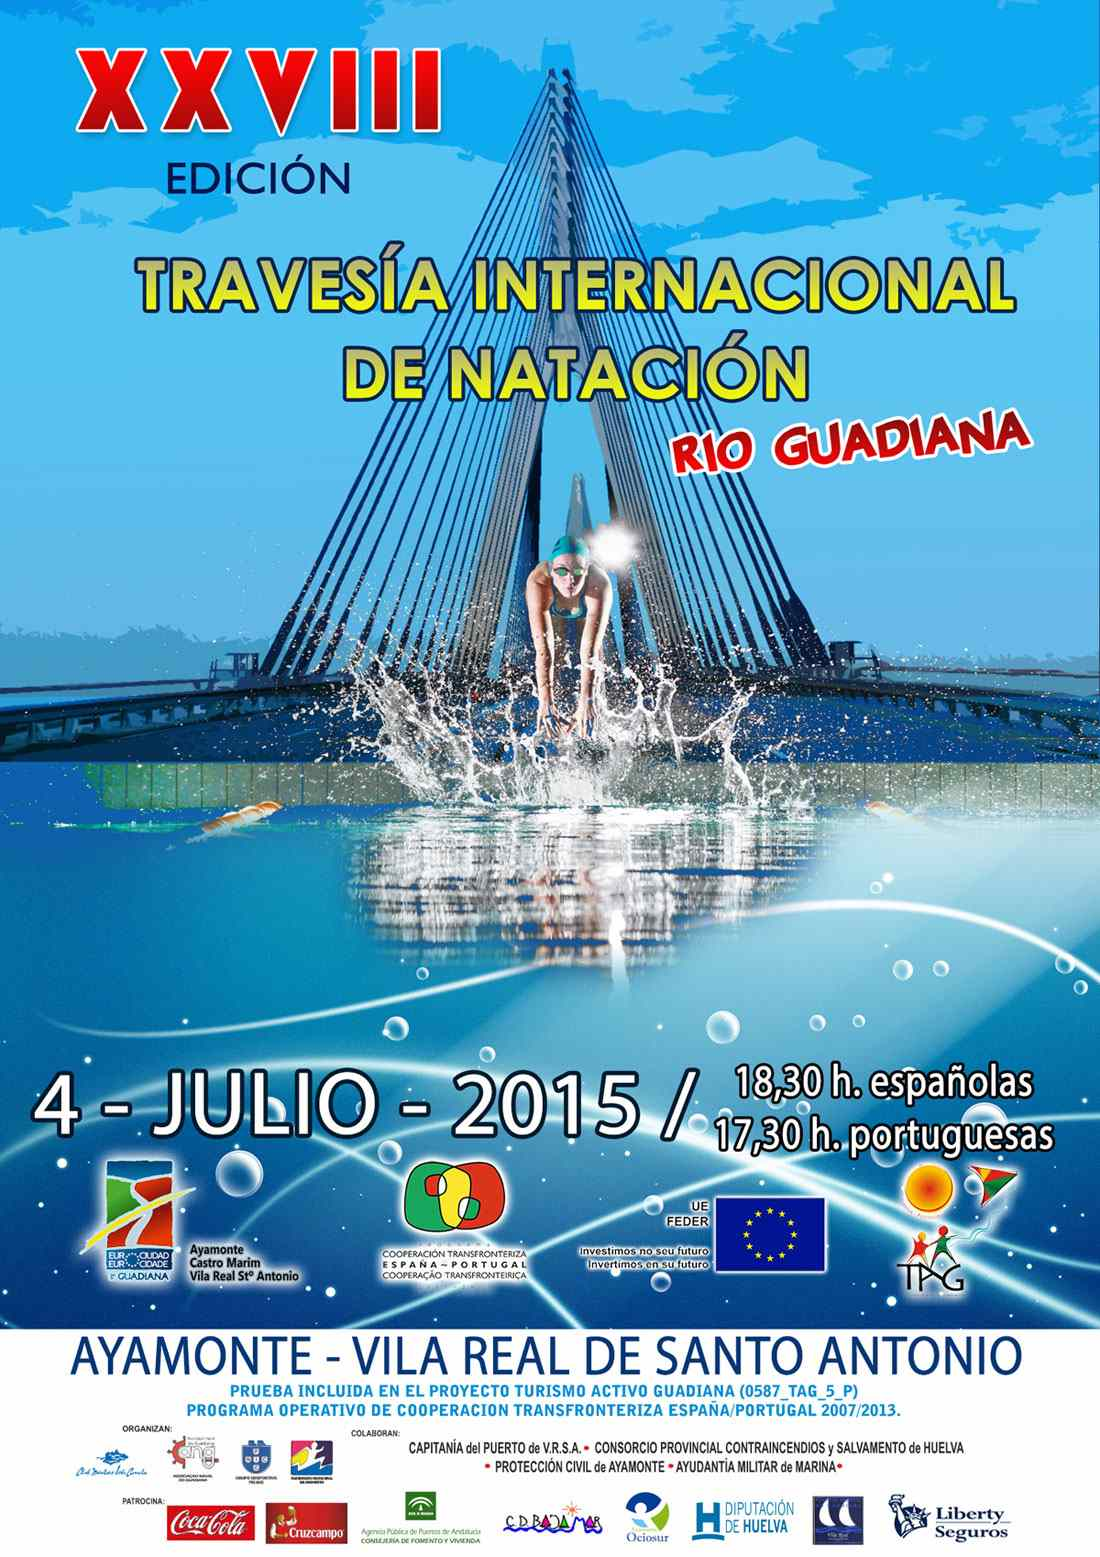 TRAVESÍA DE NATACIÓN RIO GUADIANA - Inscríbete